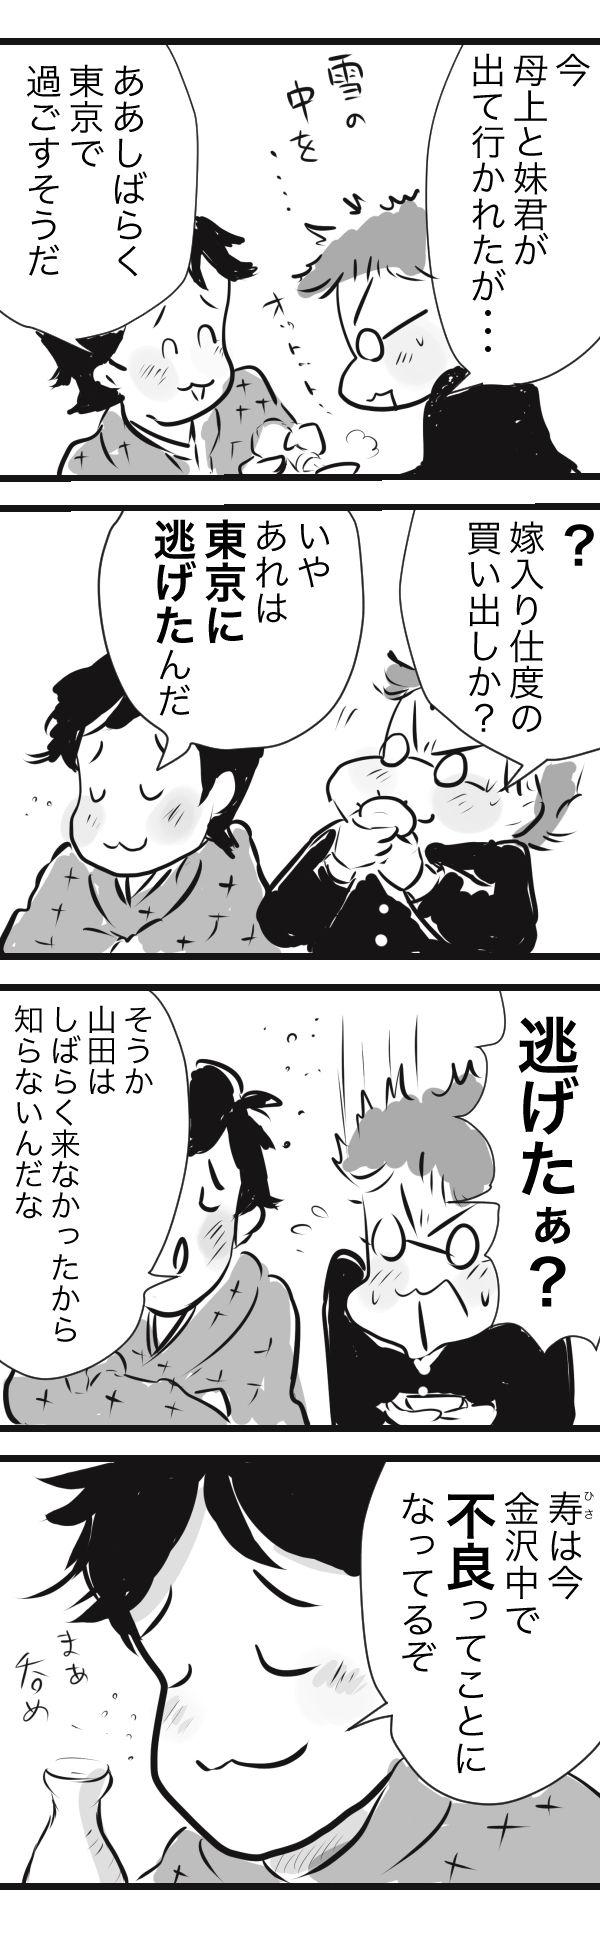 山田 金沢10−6−3